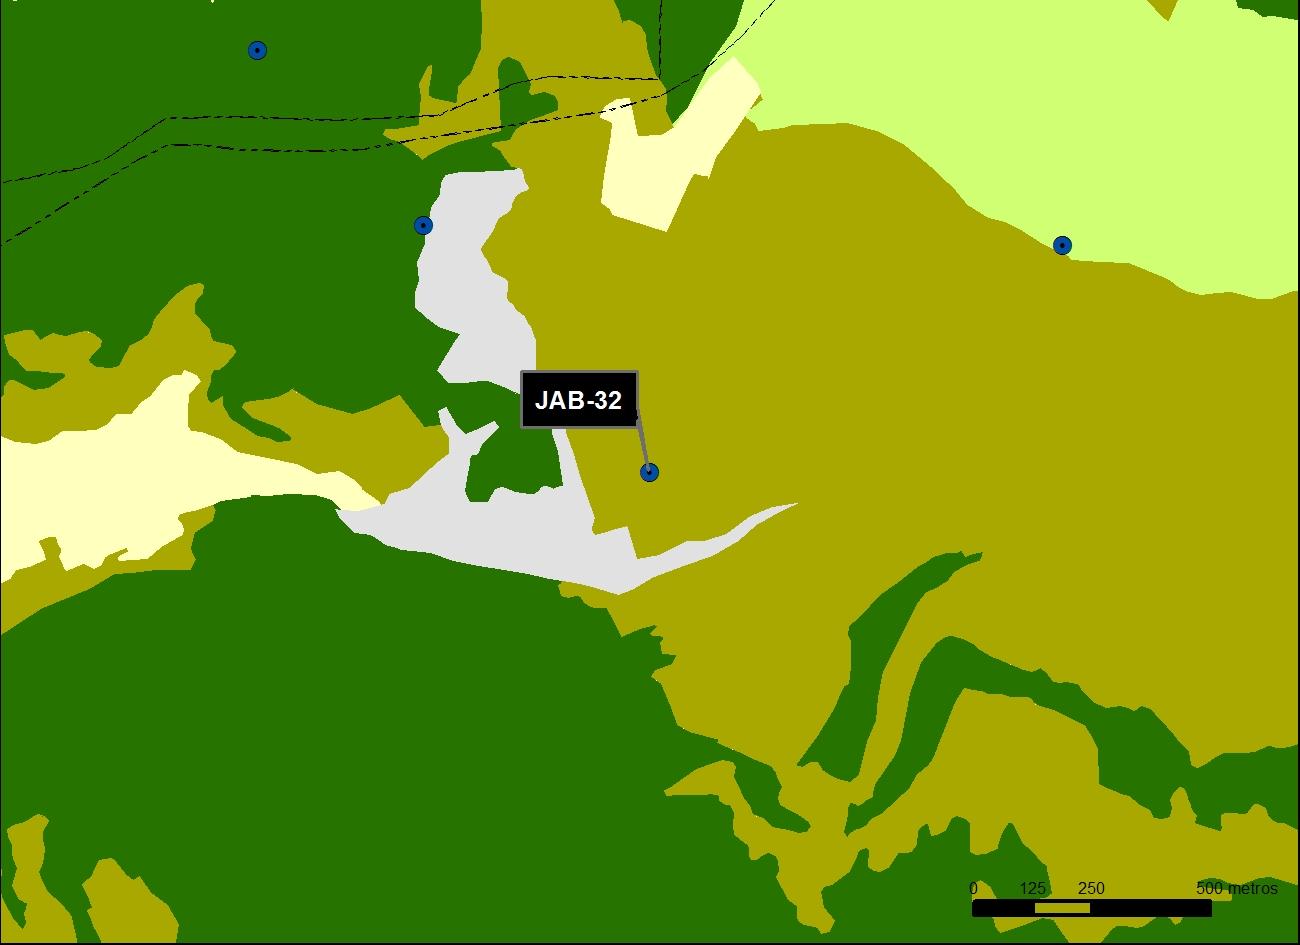 JAB_32_M.V.LOZANO_HONTANARES_MAP.VEG